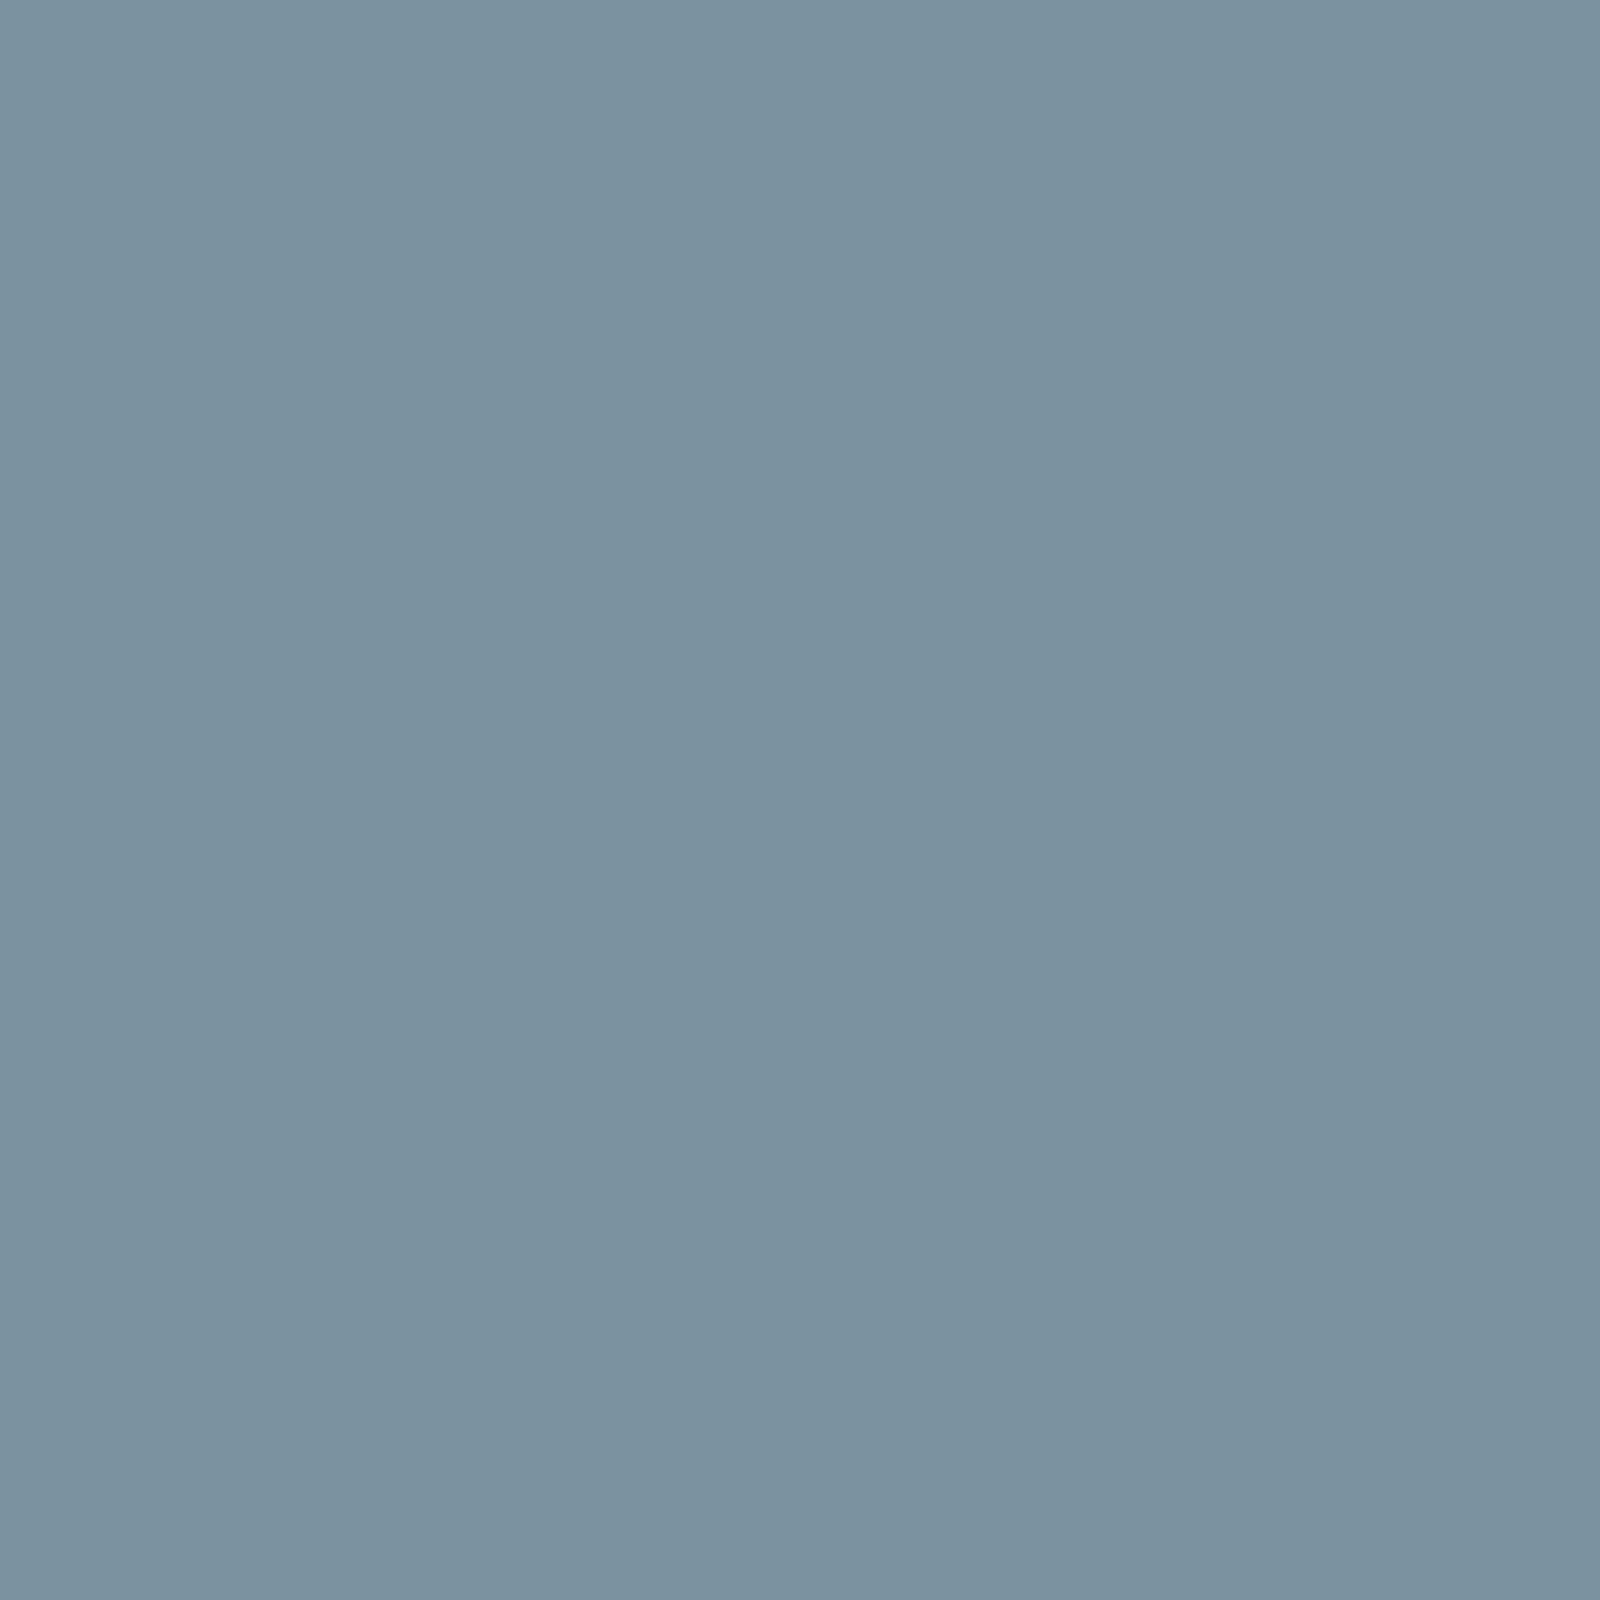 d-c fix Klebefolie - grau - 67,5x200 cm